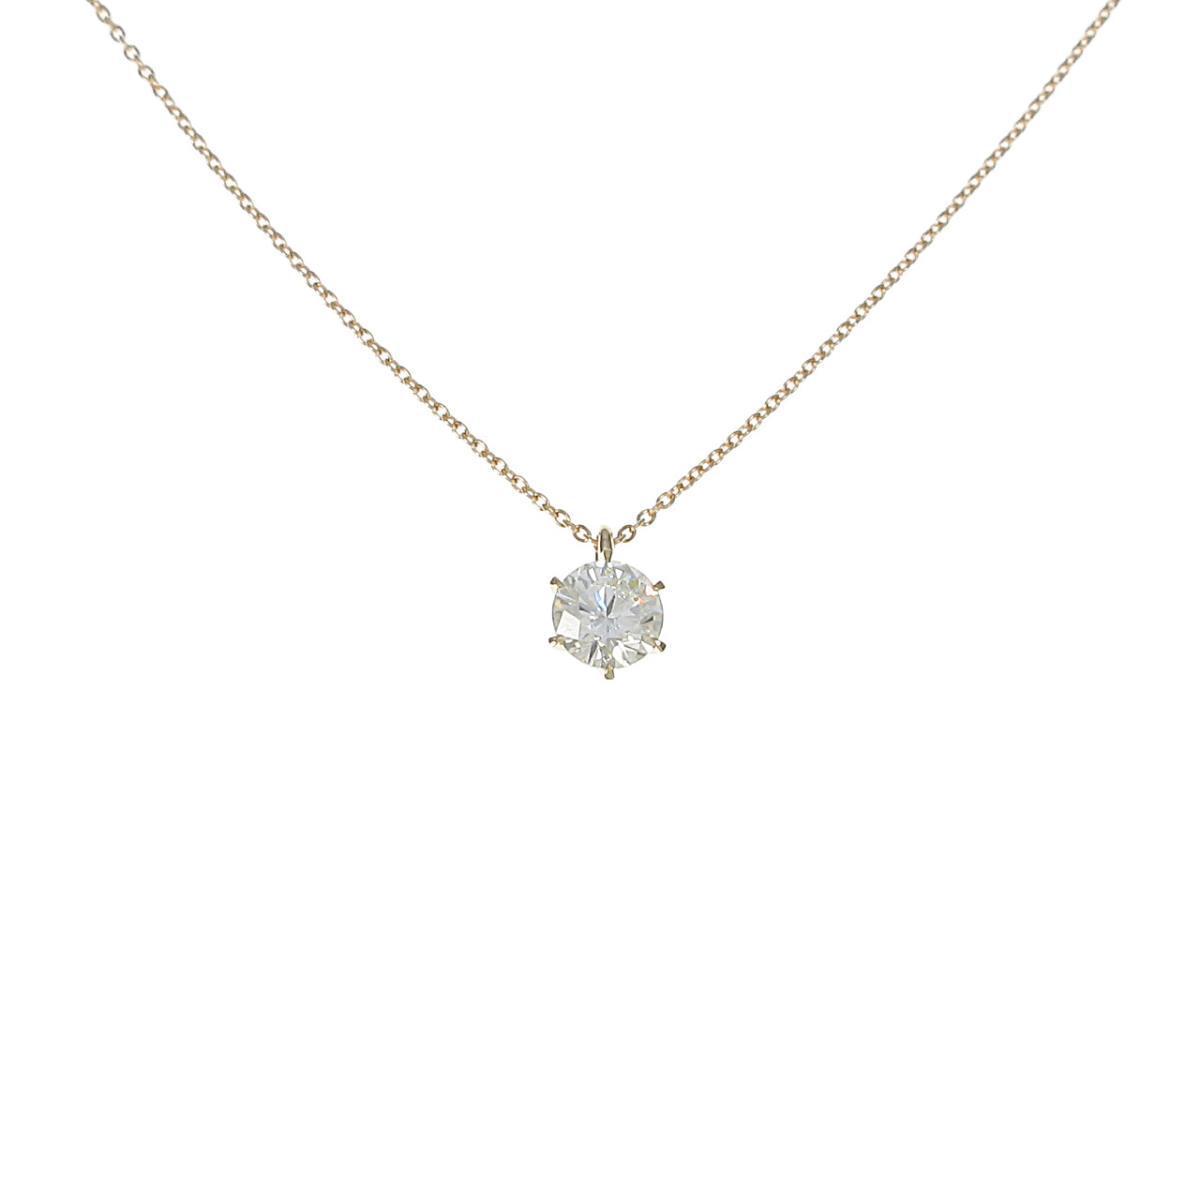 【リメイク】K18YG ダイヤモンドネックレス 1.021ct・VLY・SI1・GOOD【中古】